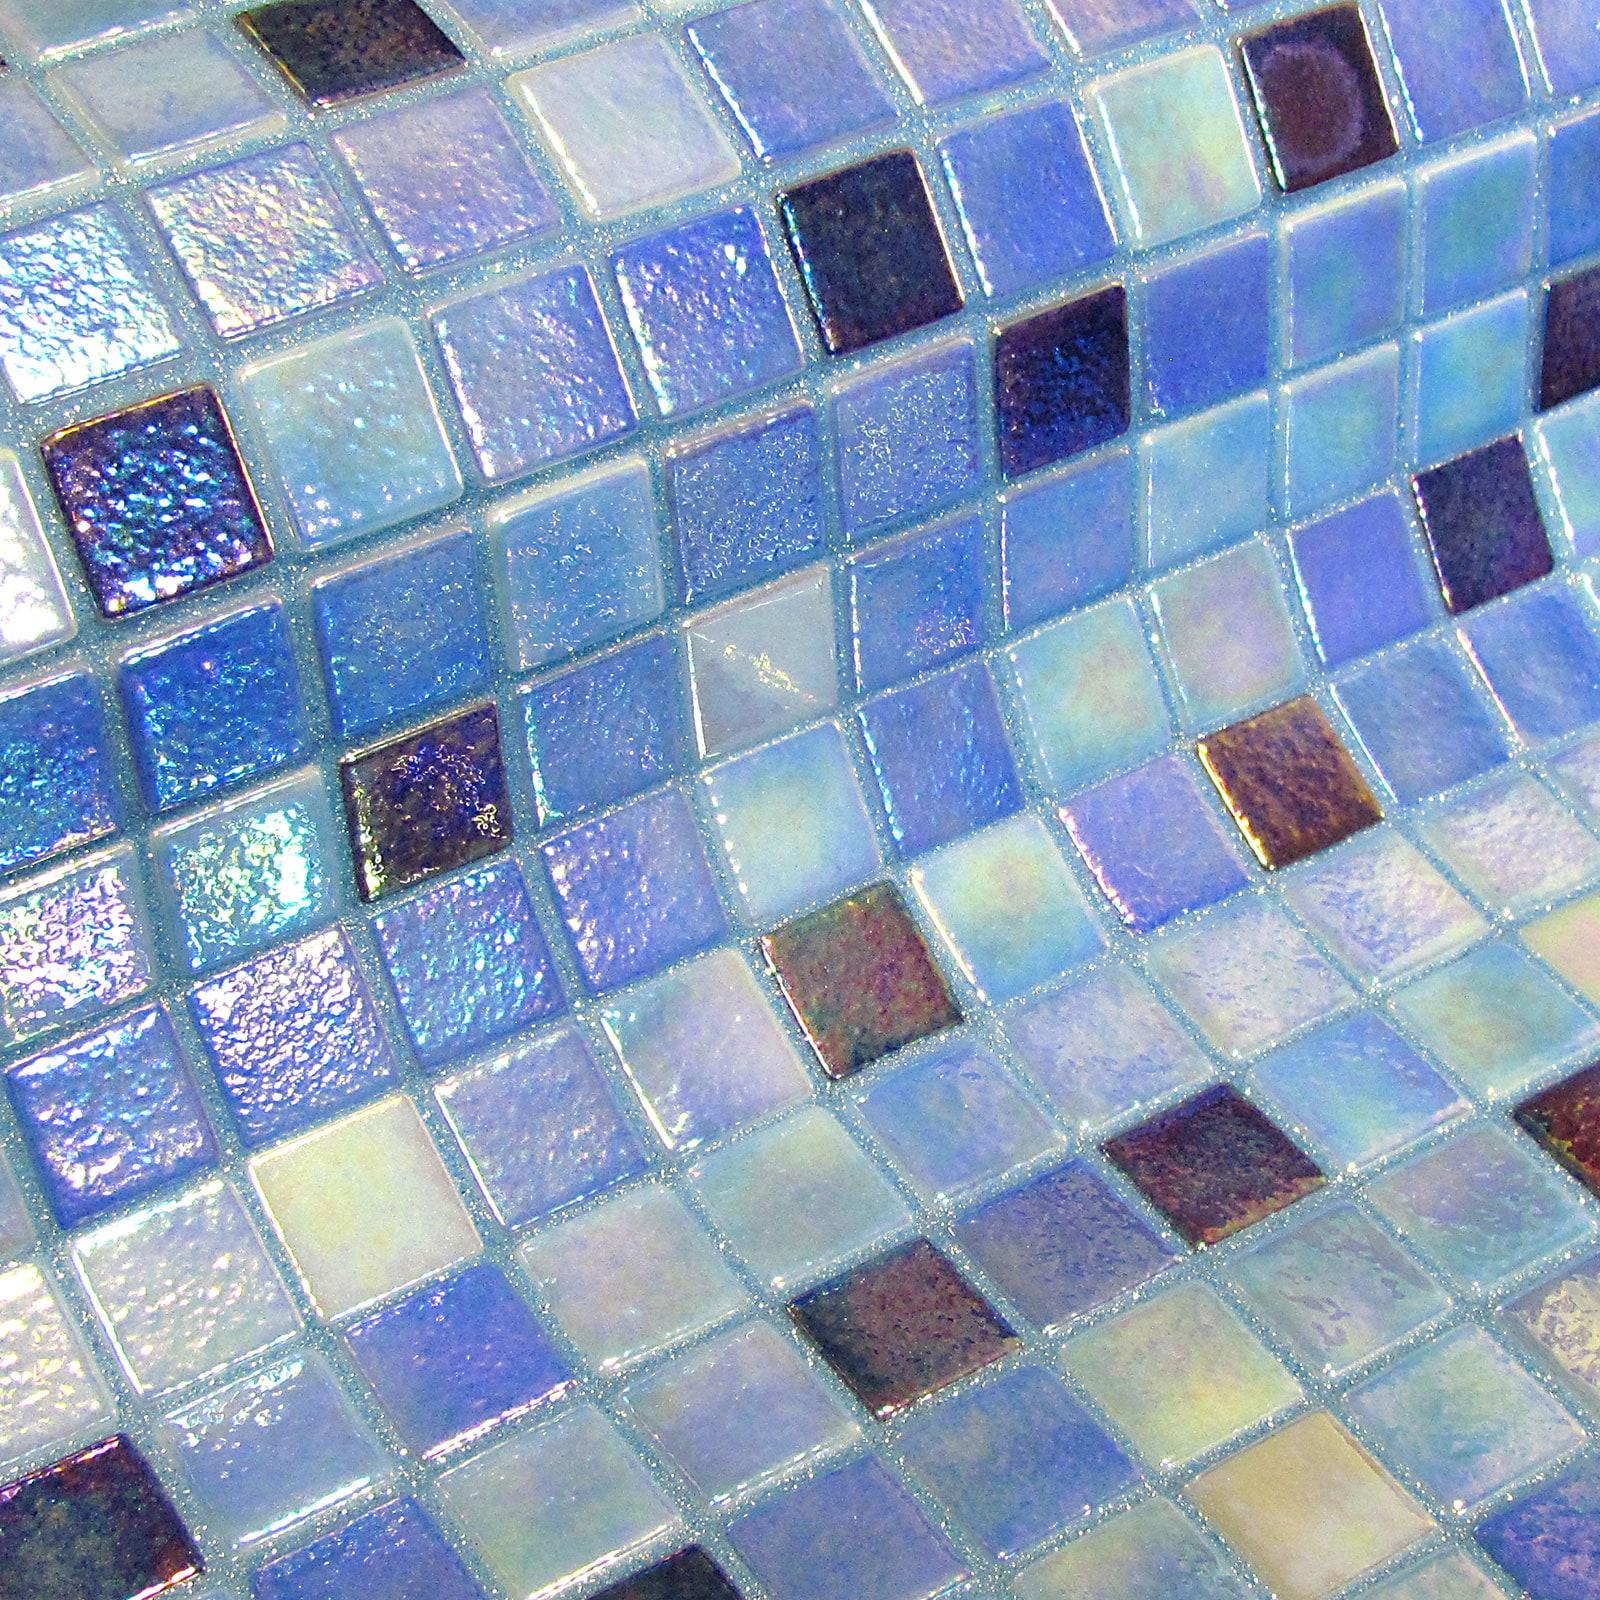 Delphinus-Fosfo-Mosaic-Ezarri.jpg